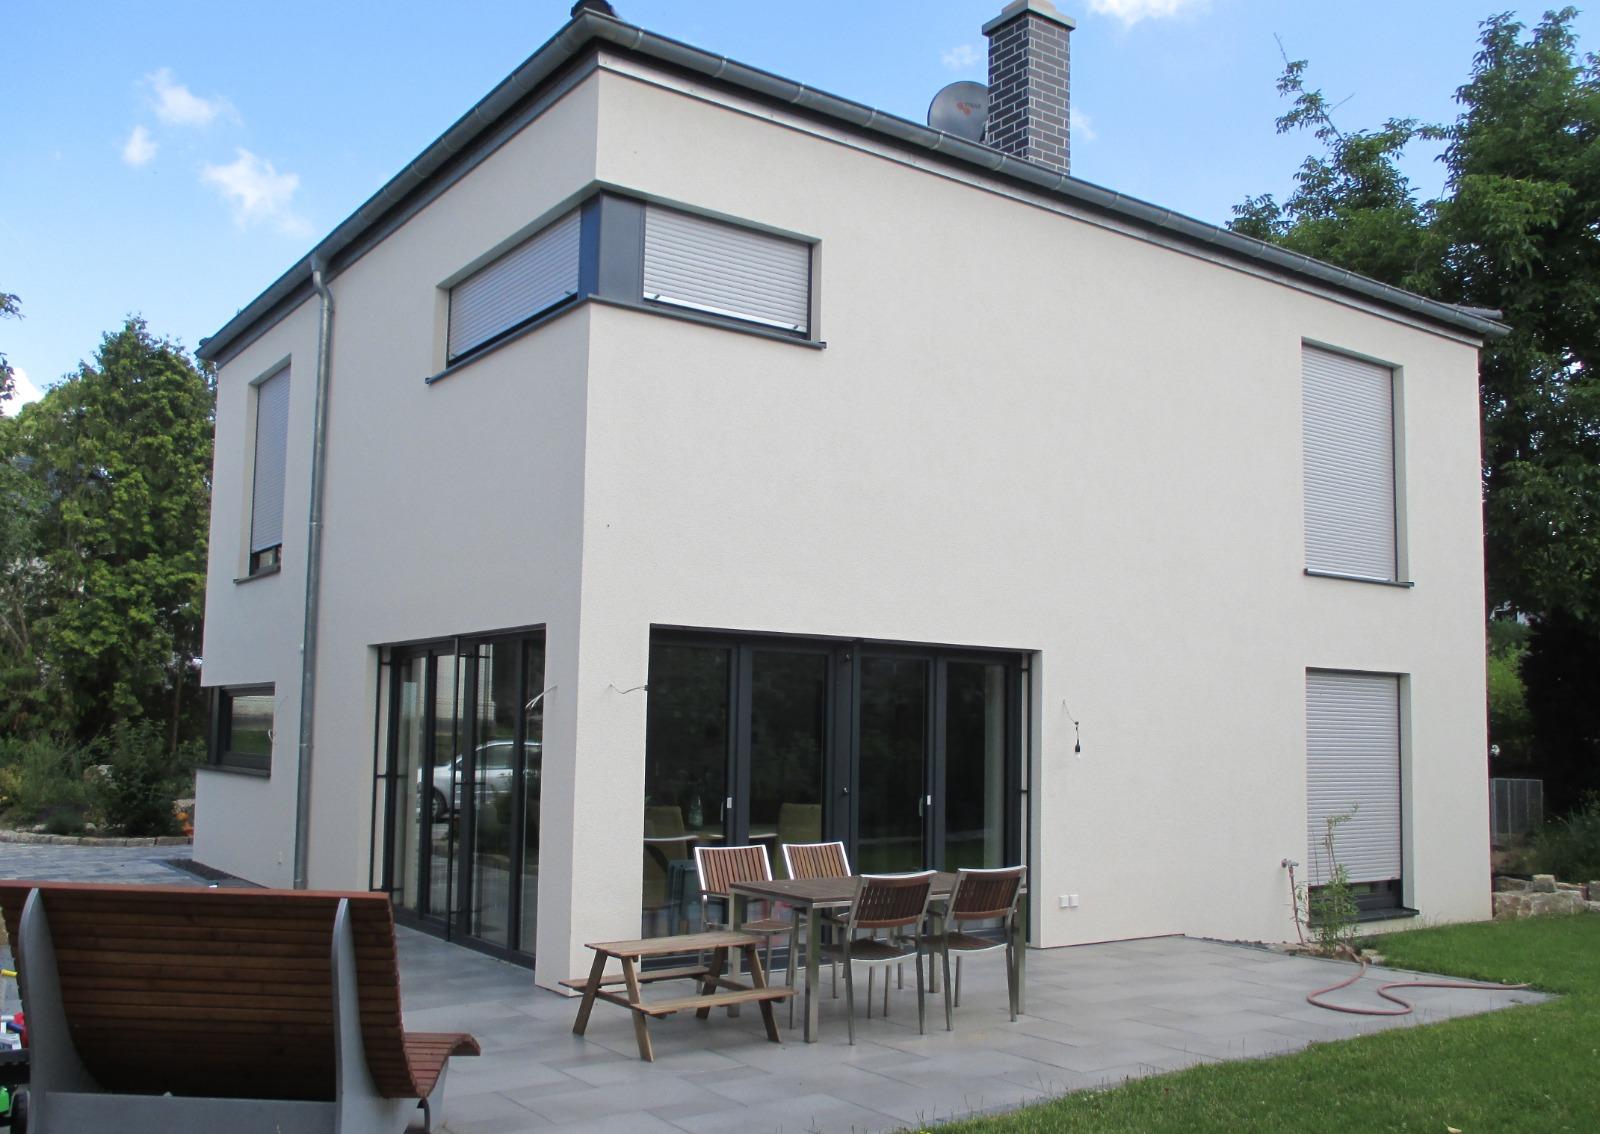 Hanse Haus - Michael Springer   Projekt 06